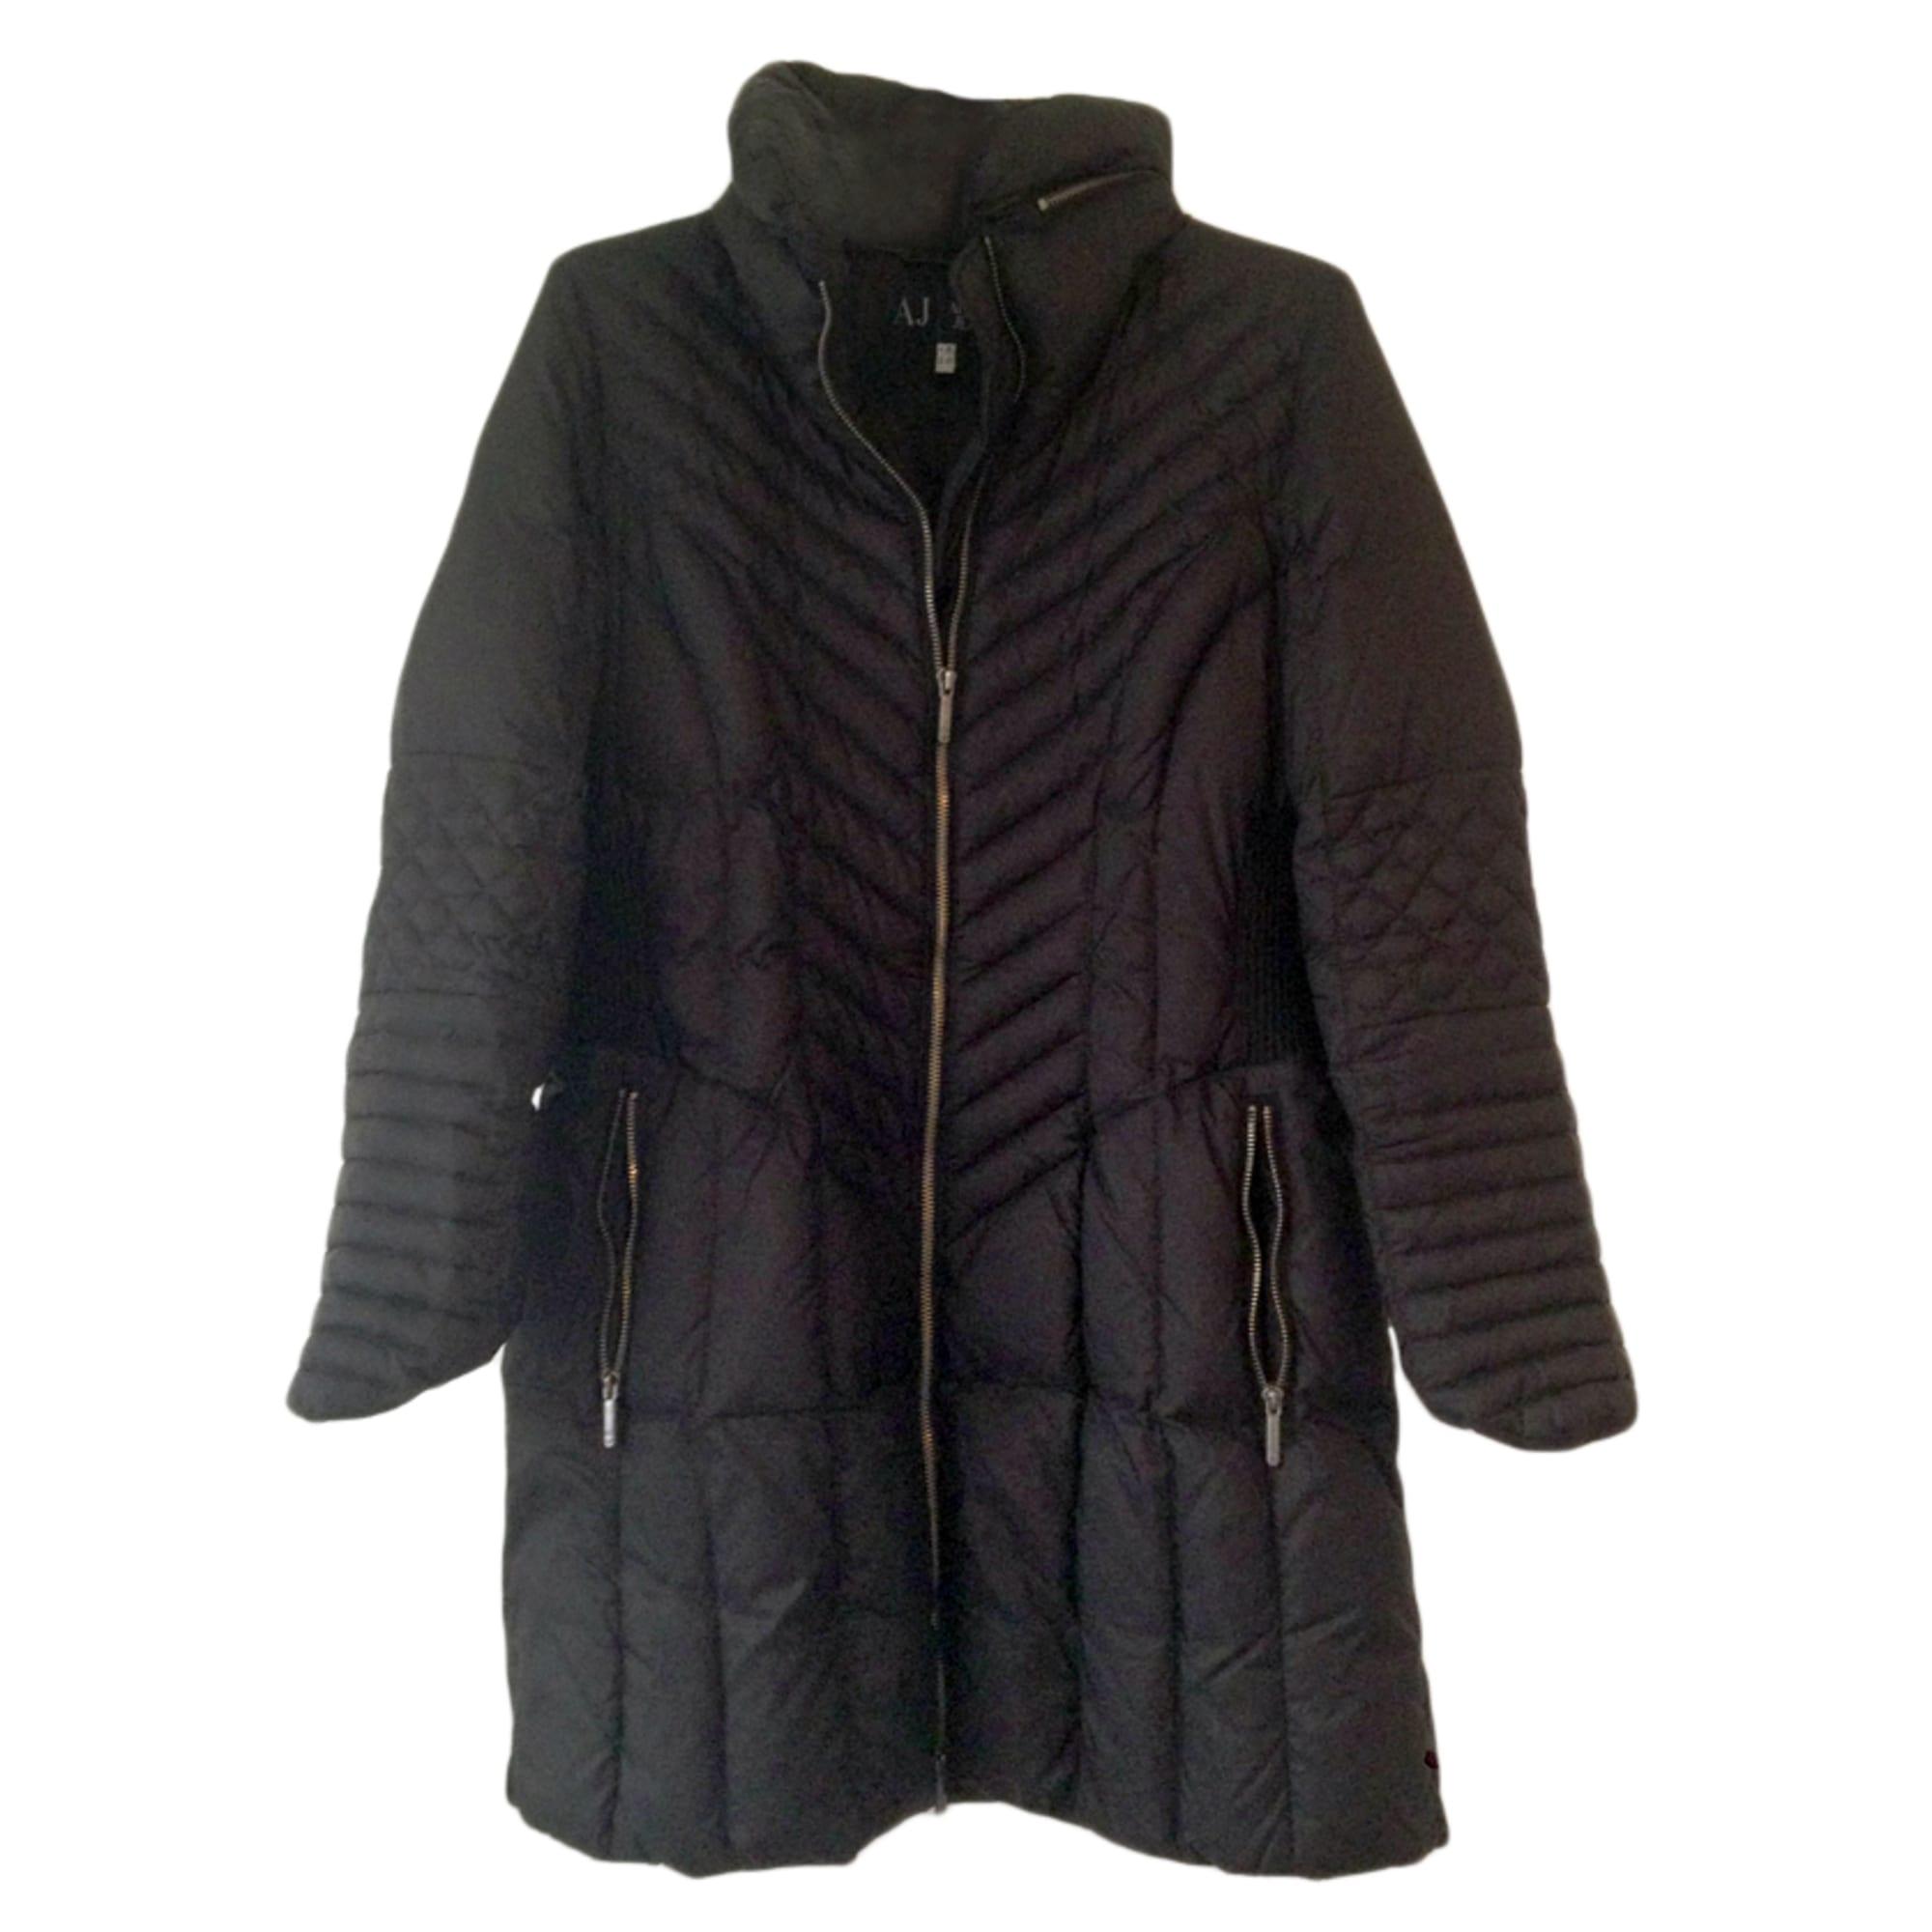 03445ef41586 Doudoune ARMANI JEANS 42 (L XL, T4) noir vendu par Mai lily241329 ...